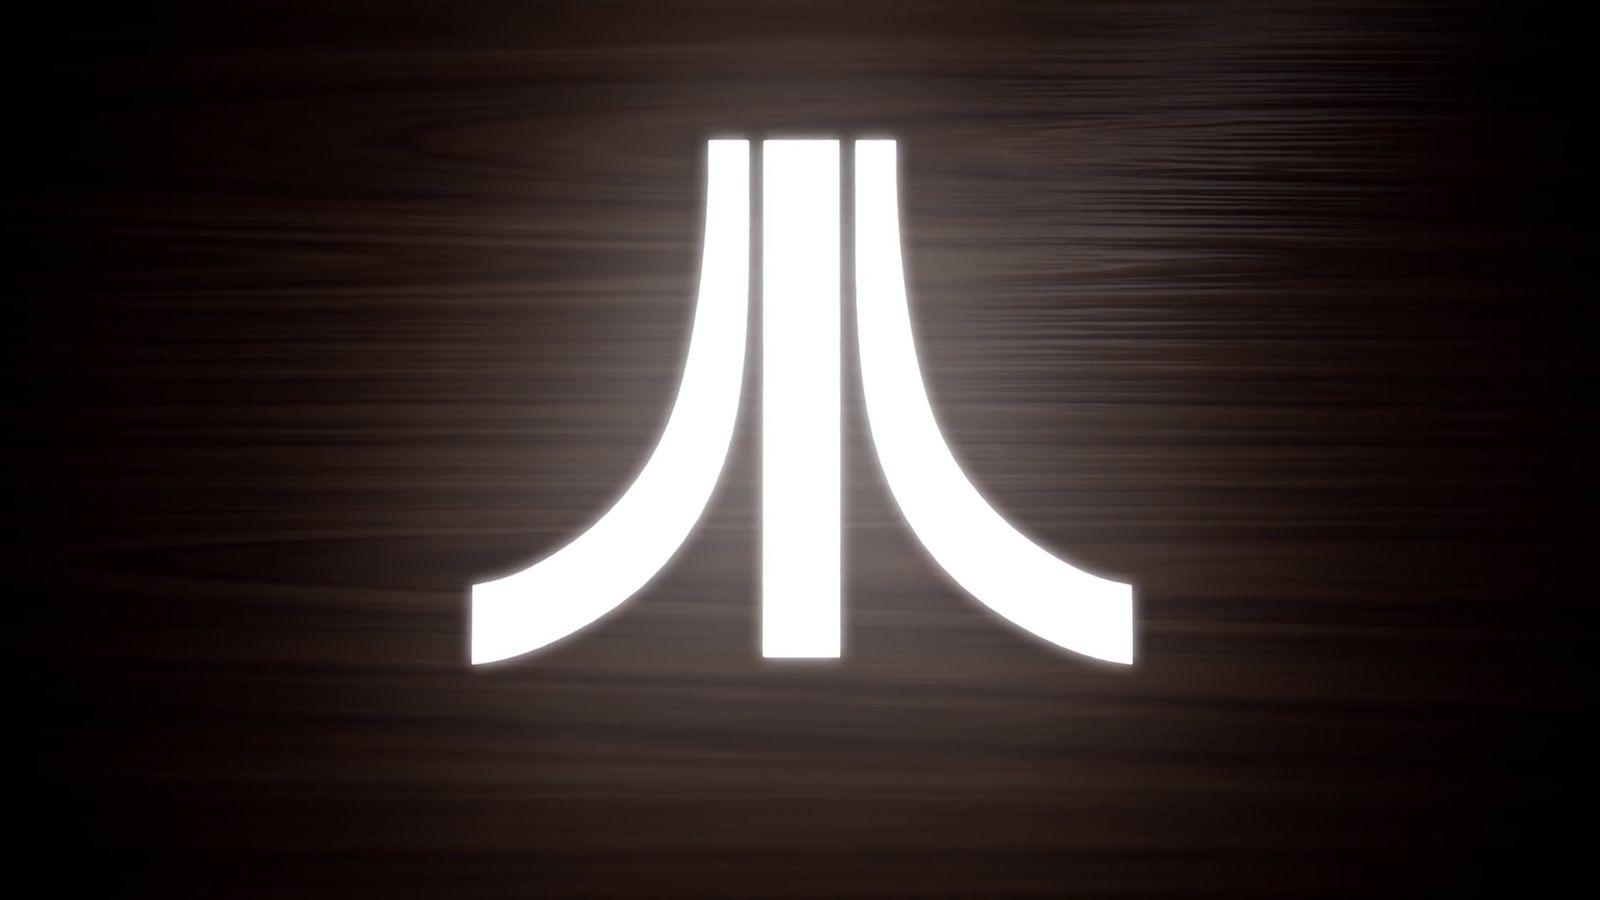 Atari userà le sue licenze videoludiche per un crypto-casinò